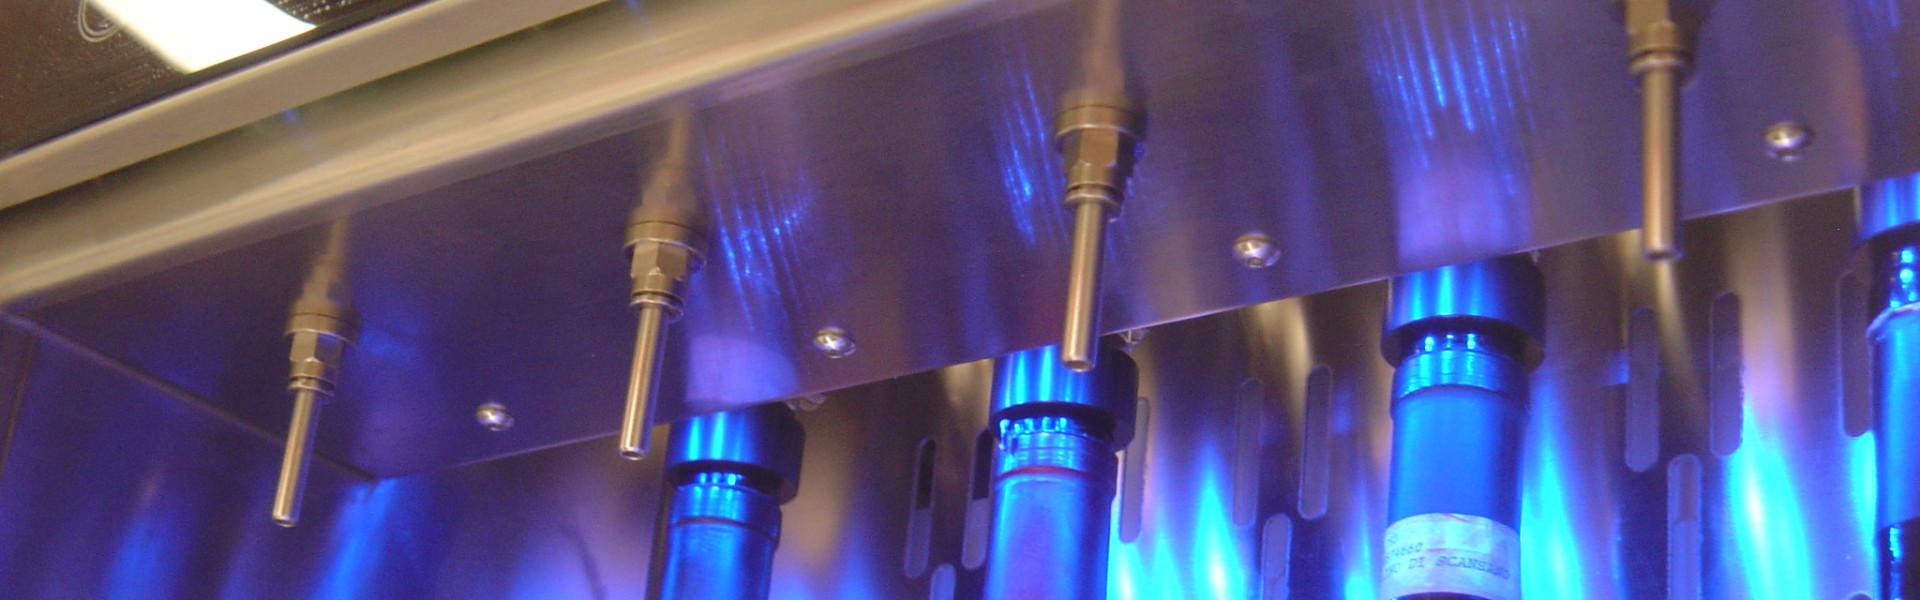 diWine dispenser